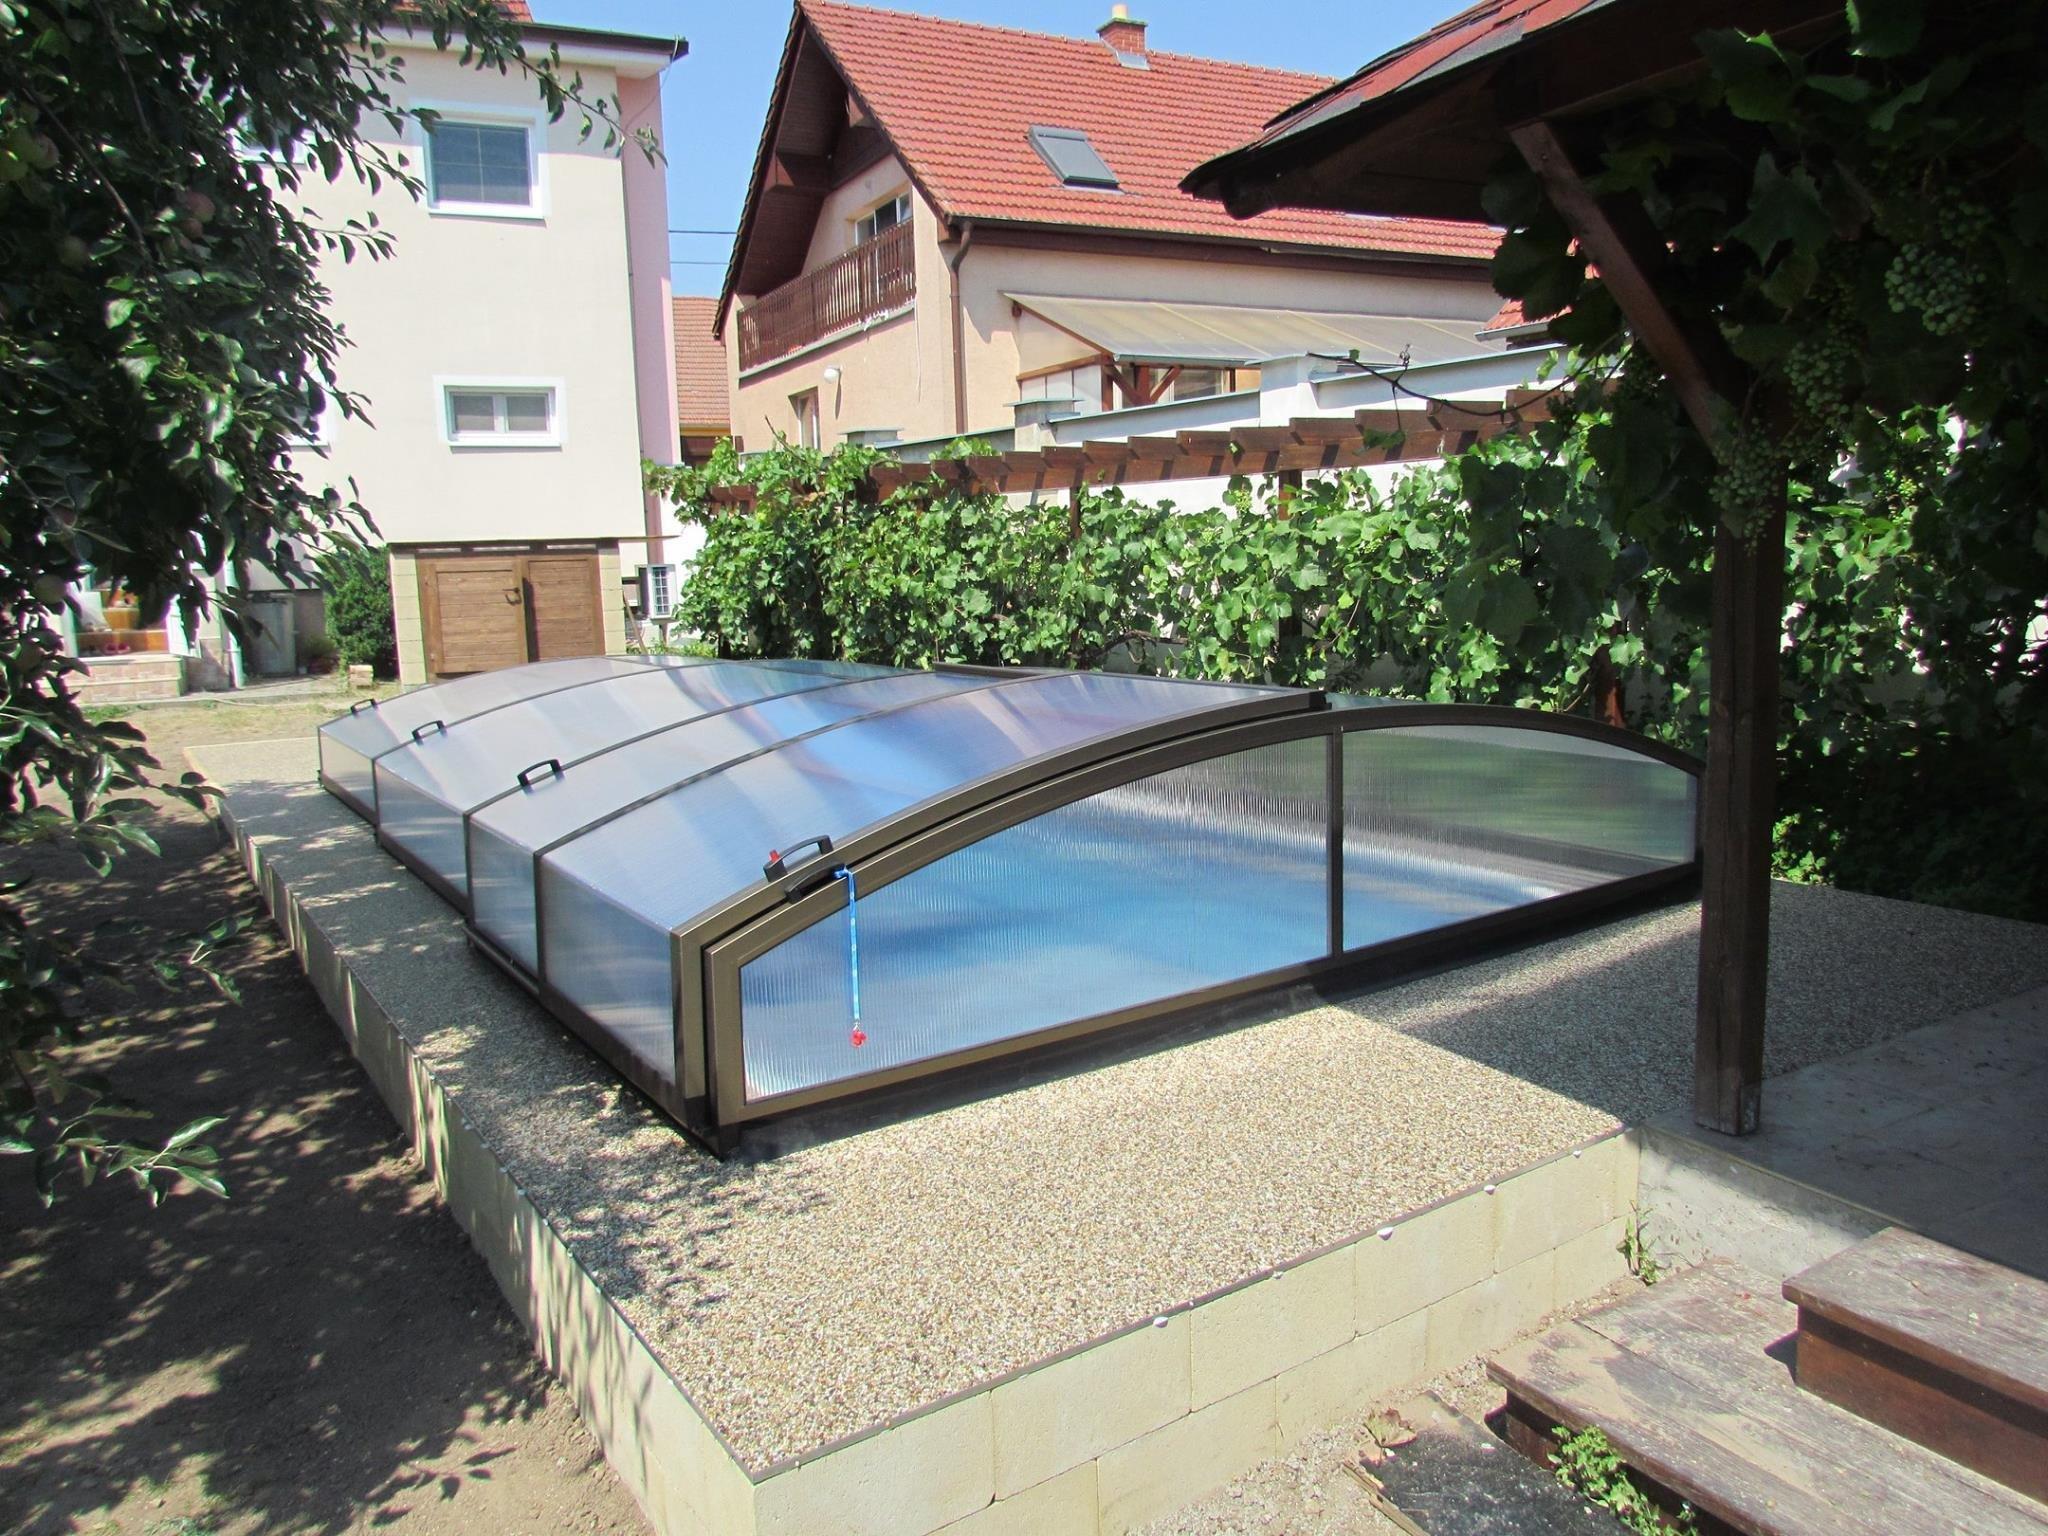 Zastřešení bazénu Alupo New ve 3 segmentech